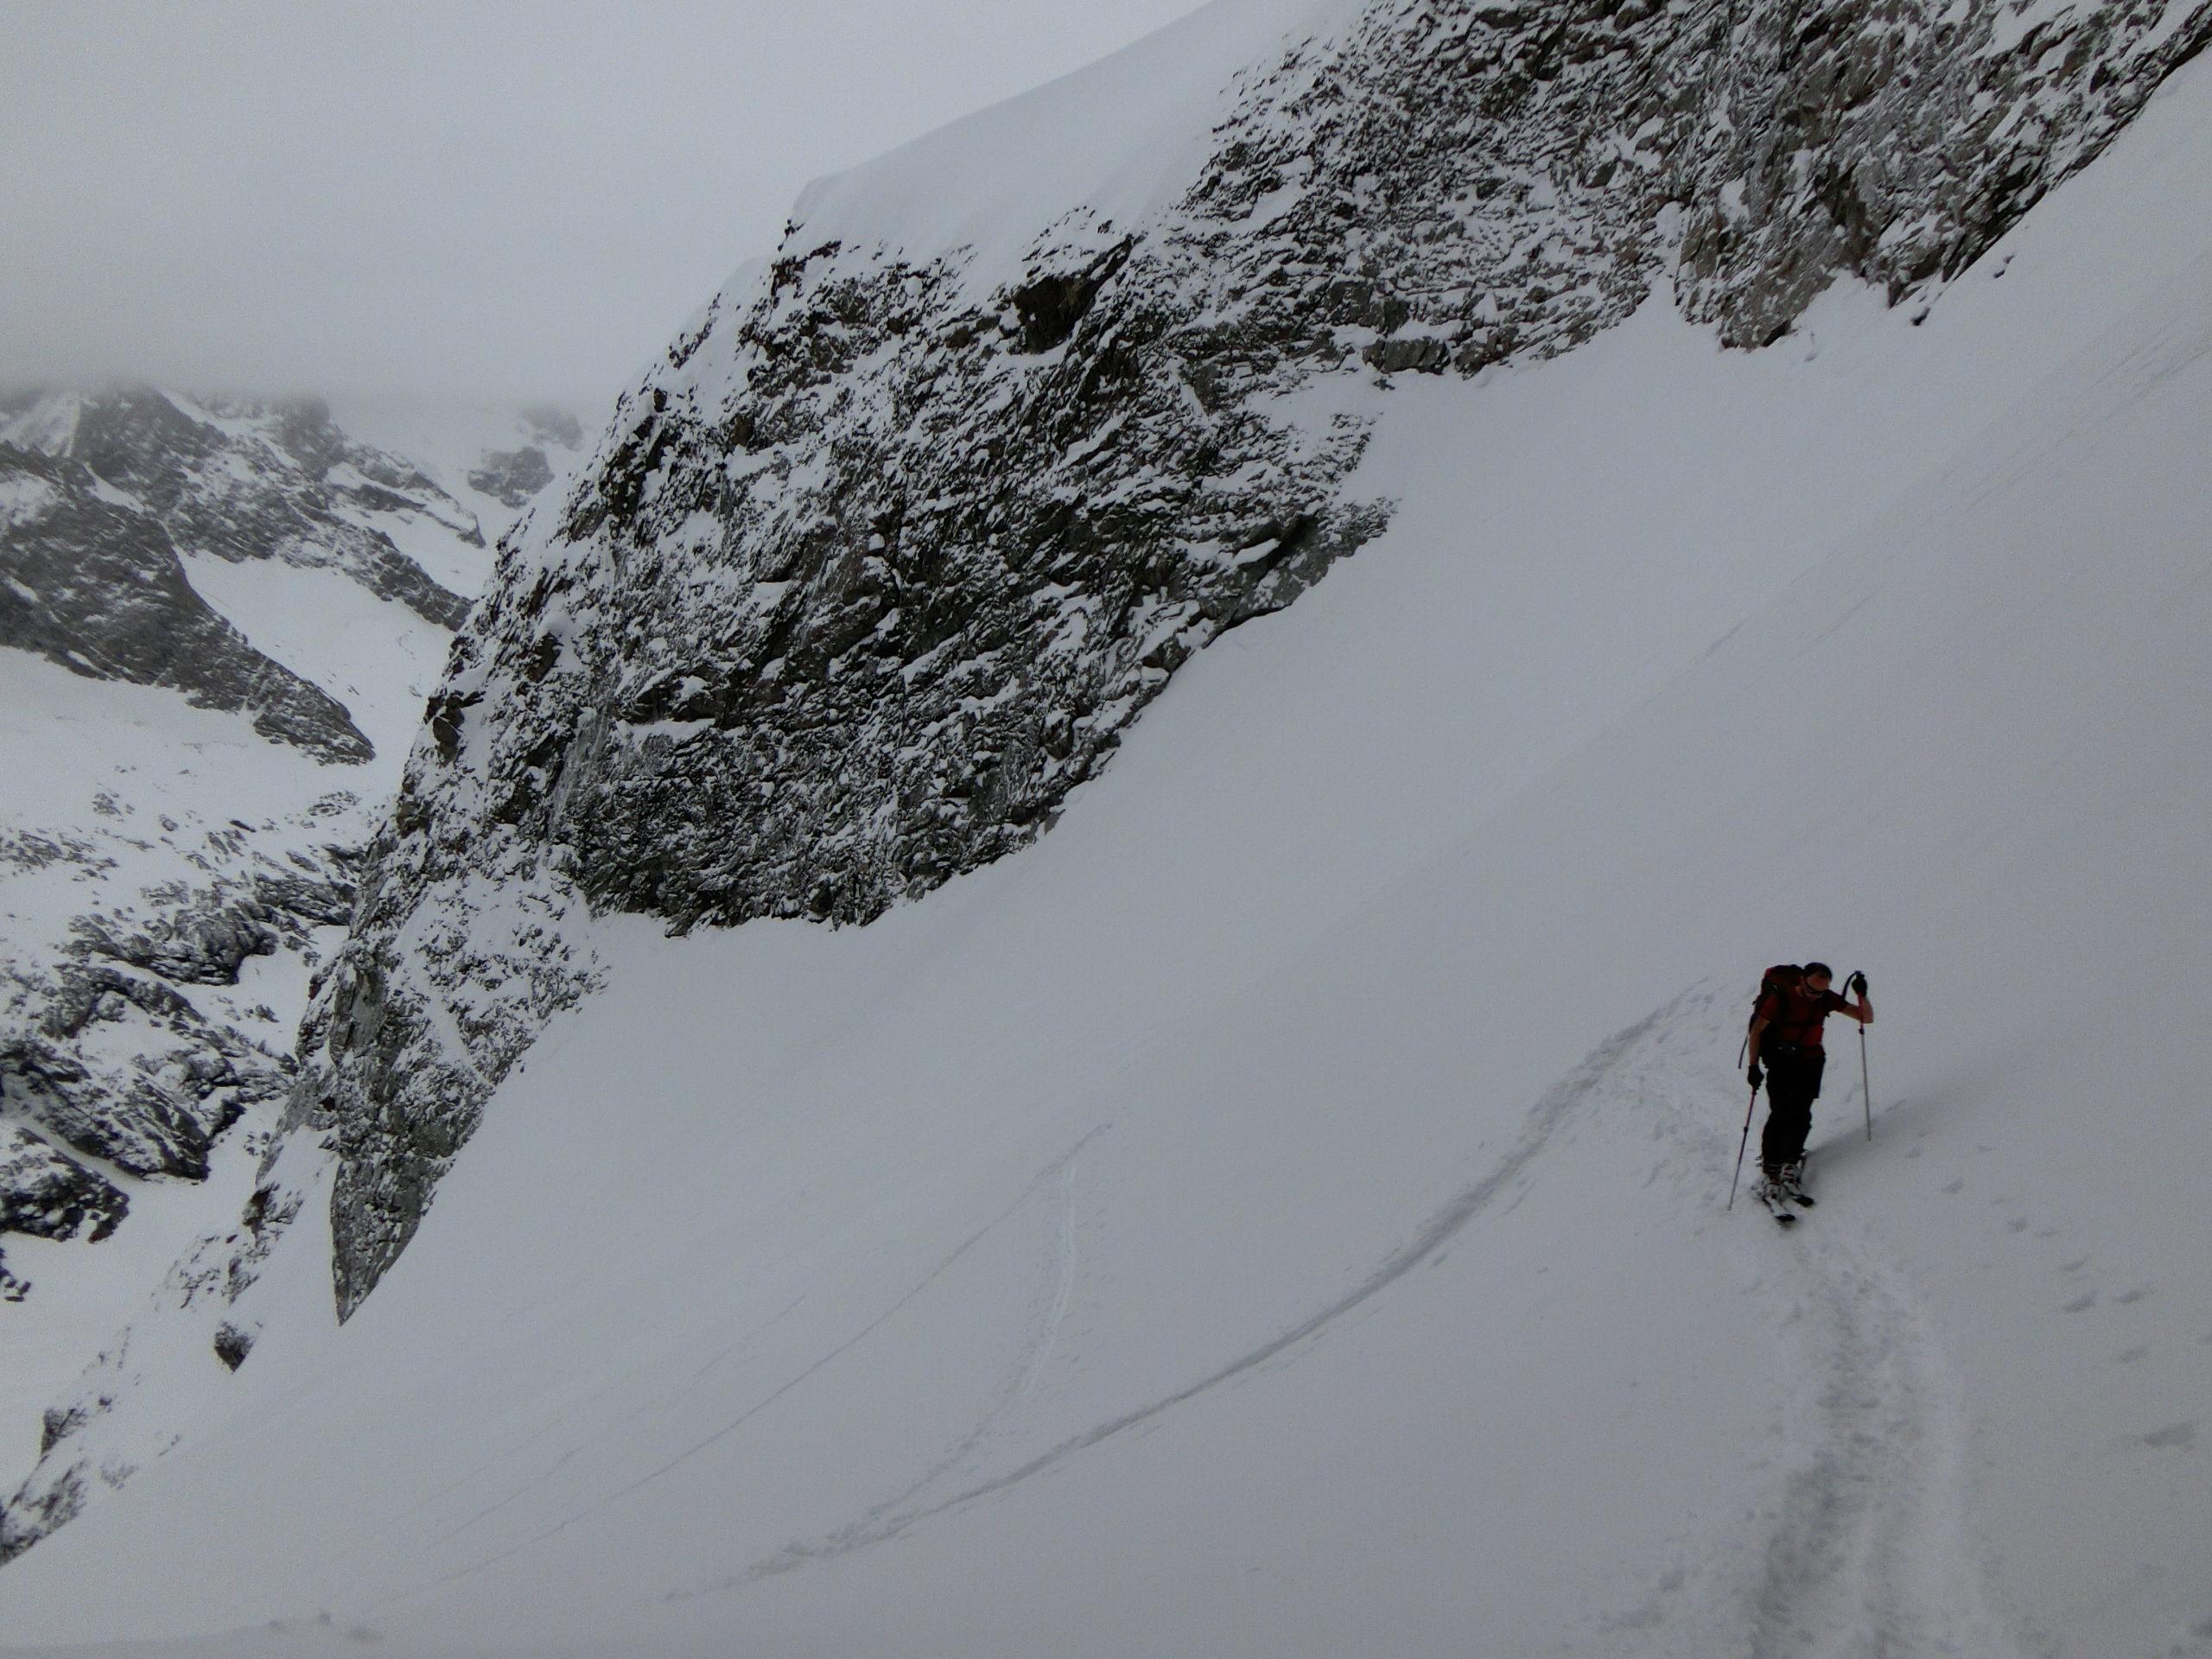 Montée en ski de randonnée